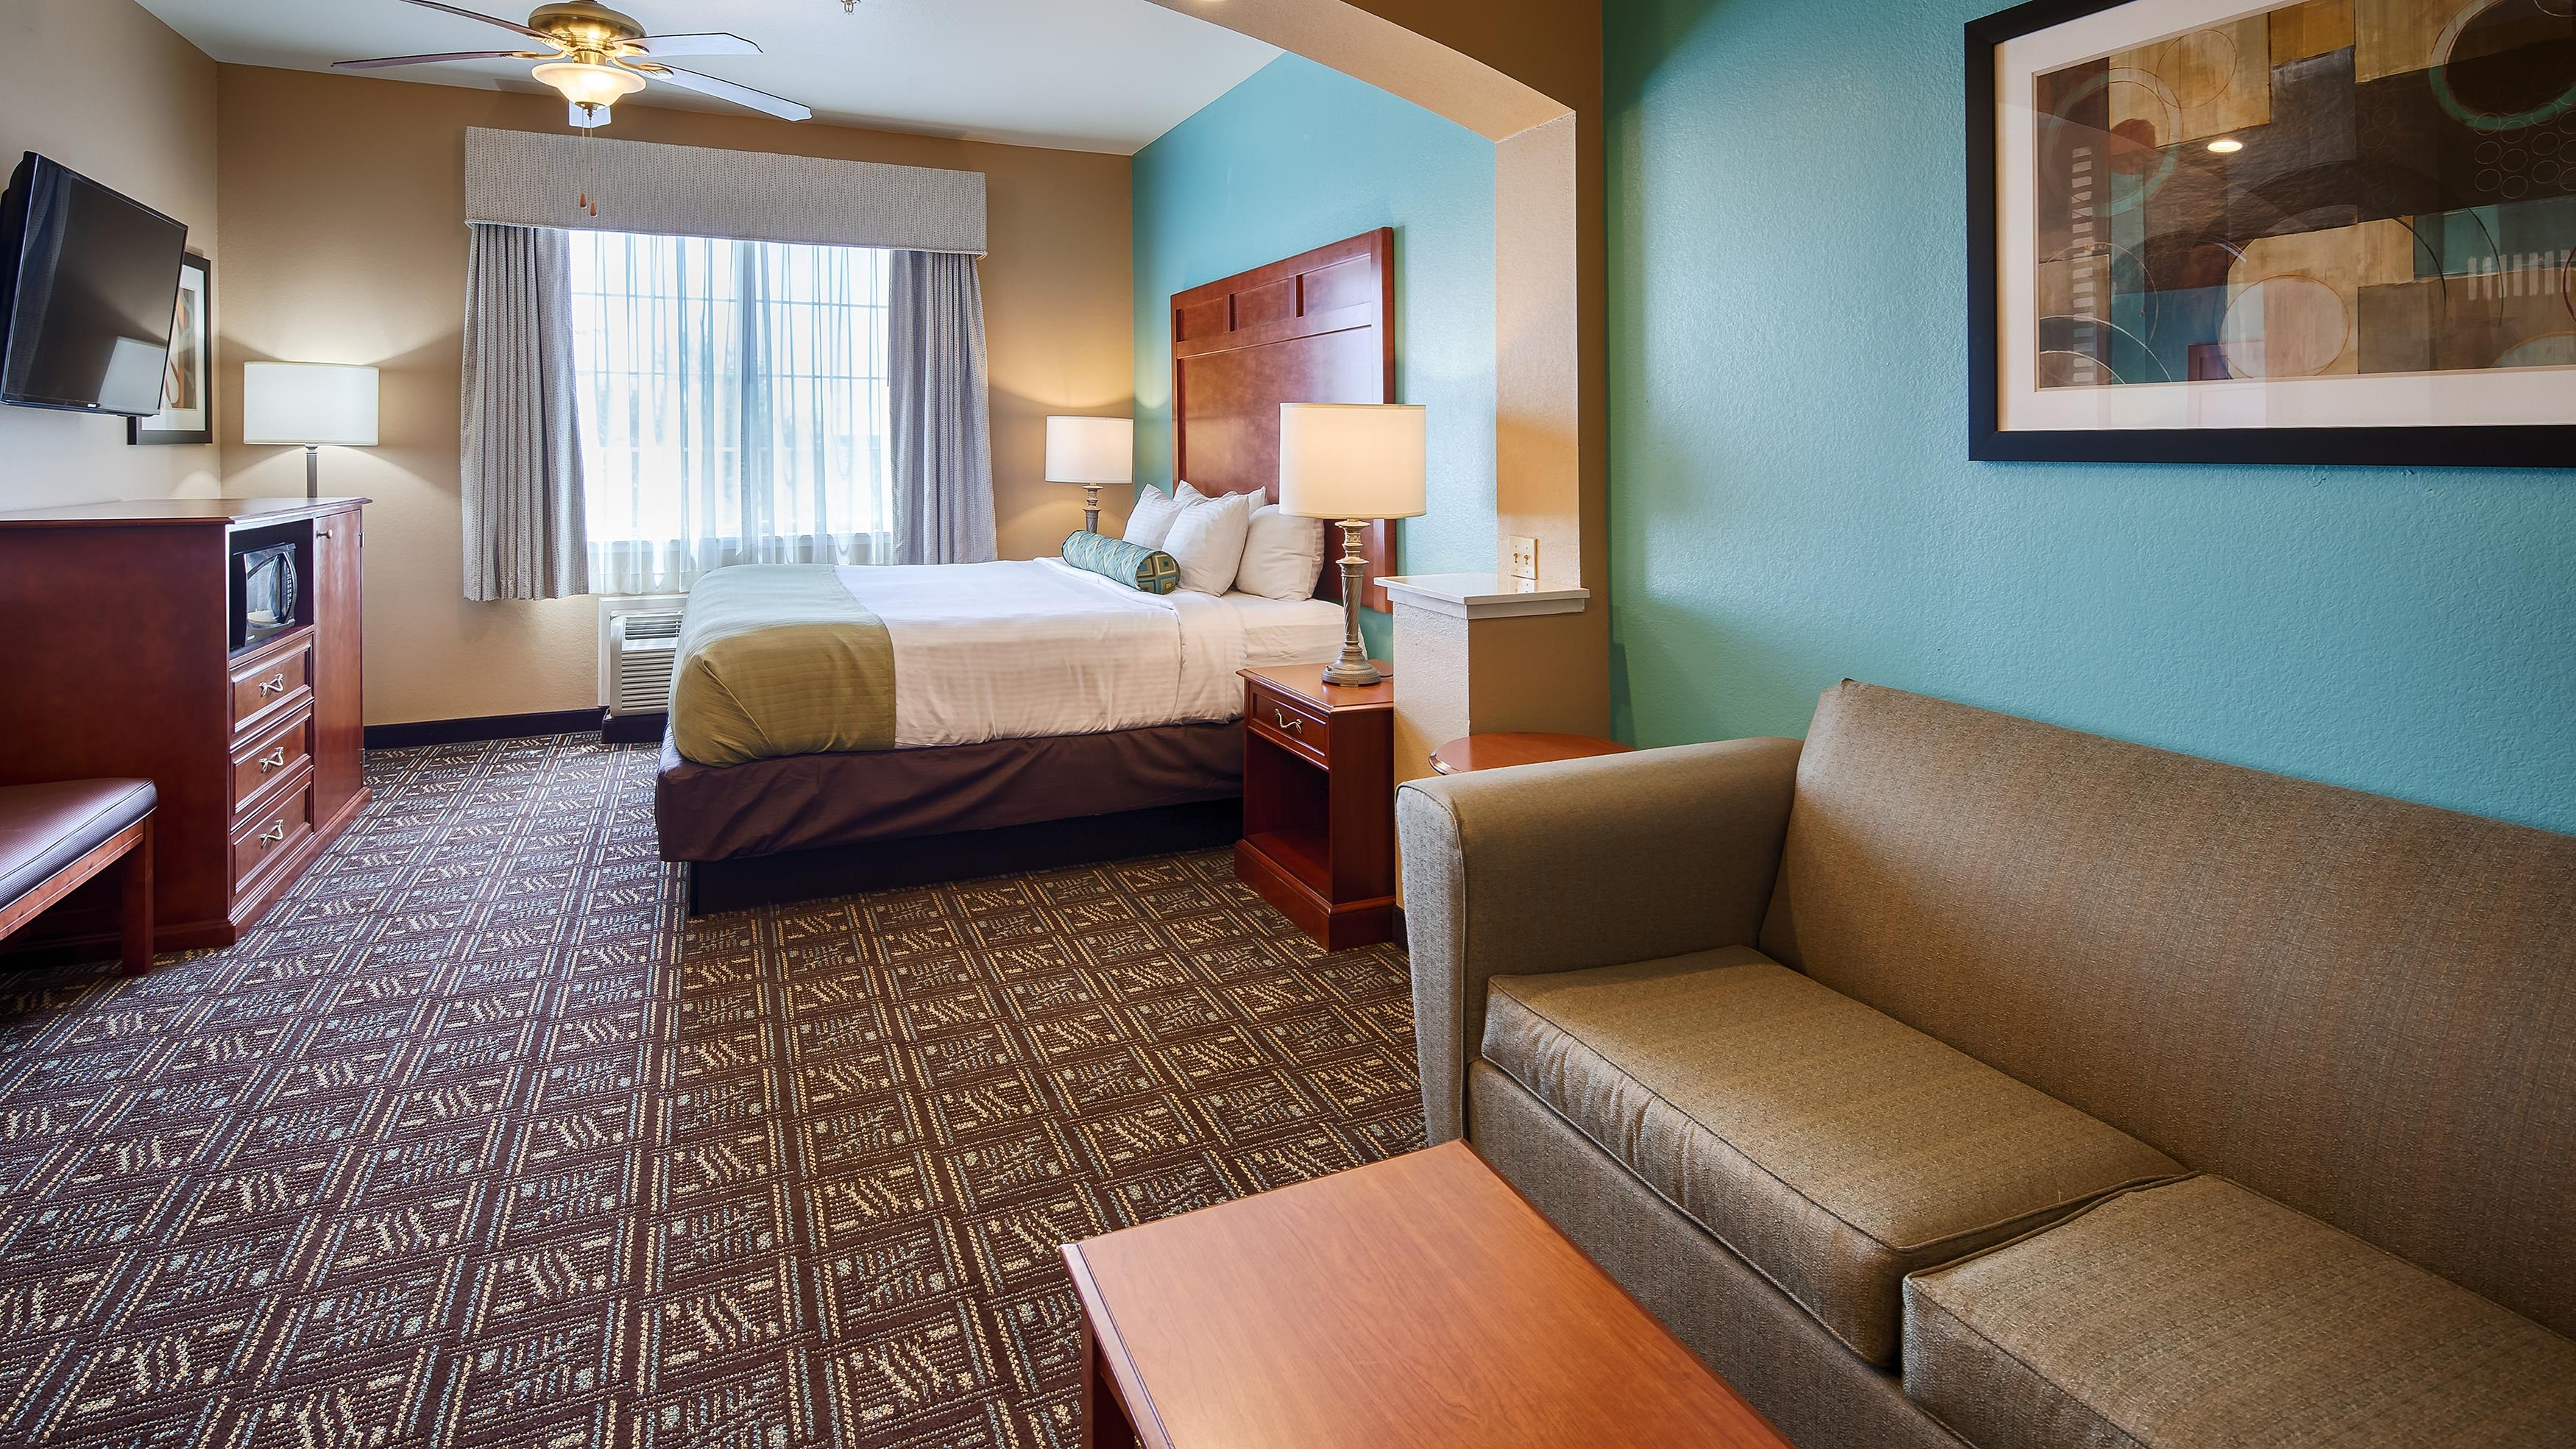 Best Western Plus Monahans Inn & Suites image 3